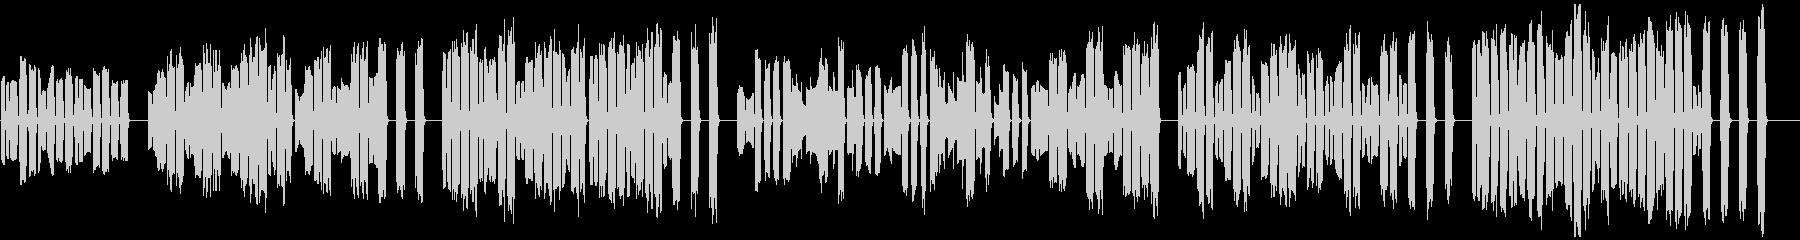 3分クッキングの原曲【シンセ】1の未再生の波形